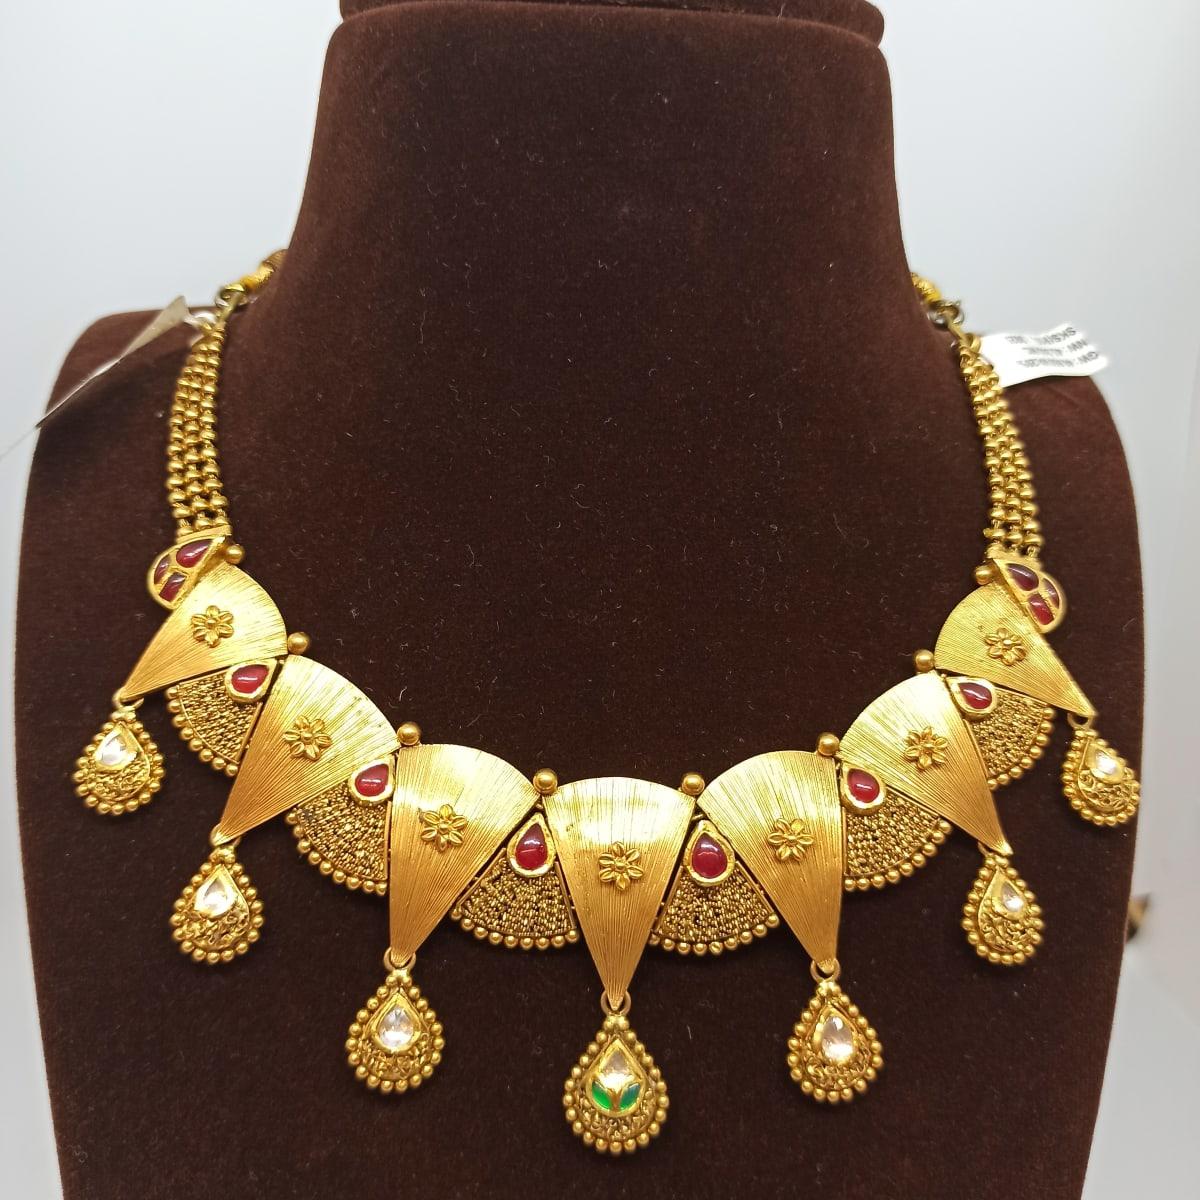 Antique Colourstone Necklace